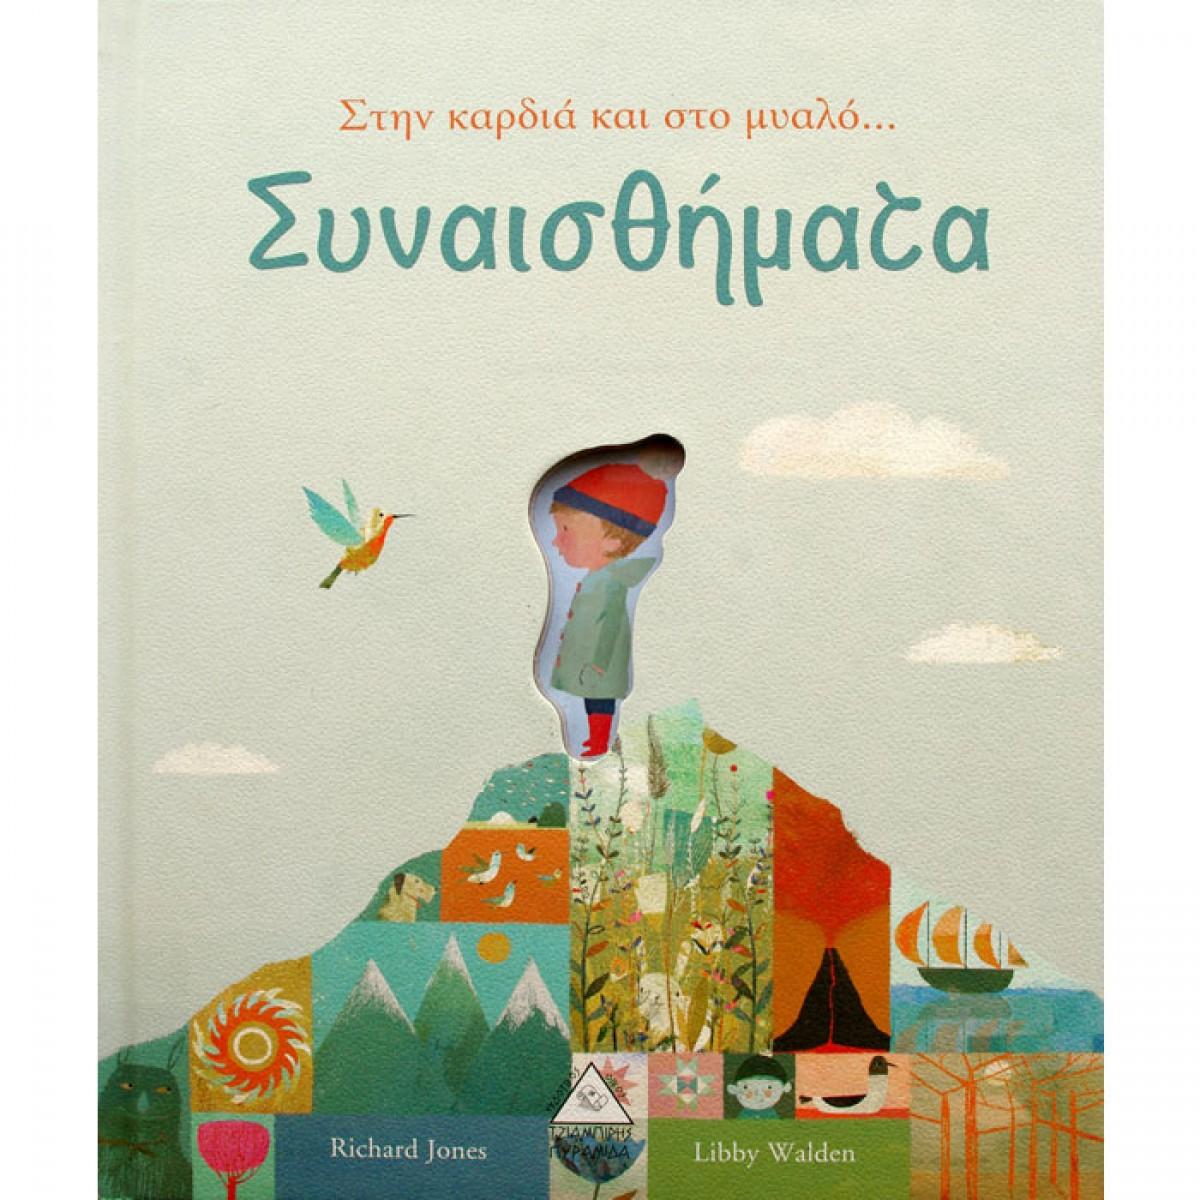 ΣΥΝΑΙΣΘΗΜΑΤΑ Παιδικά Βιβλία